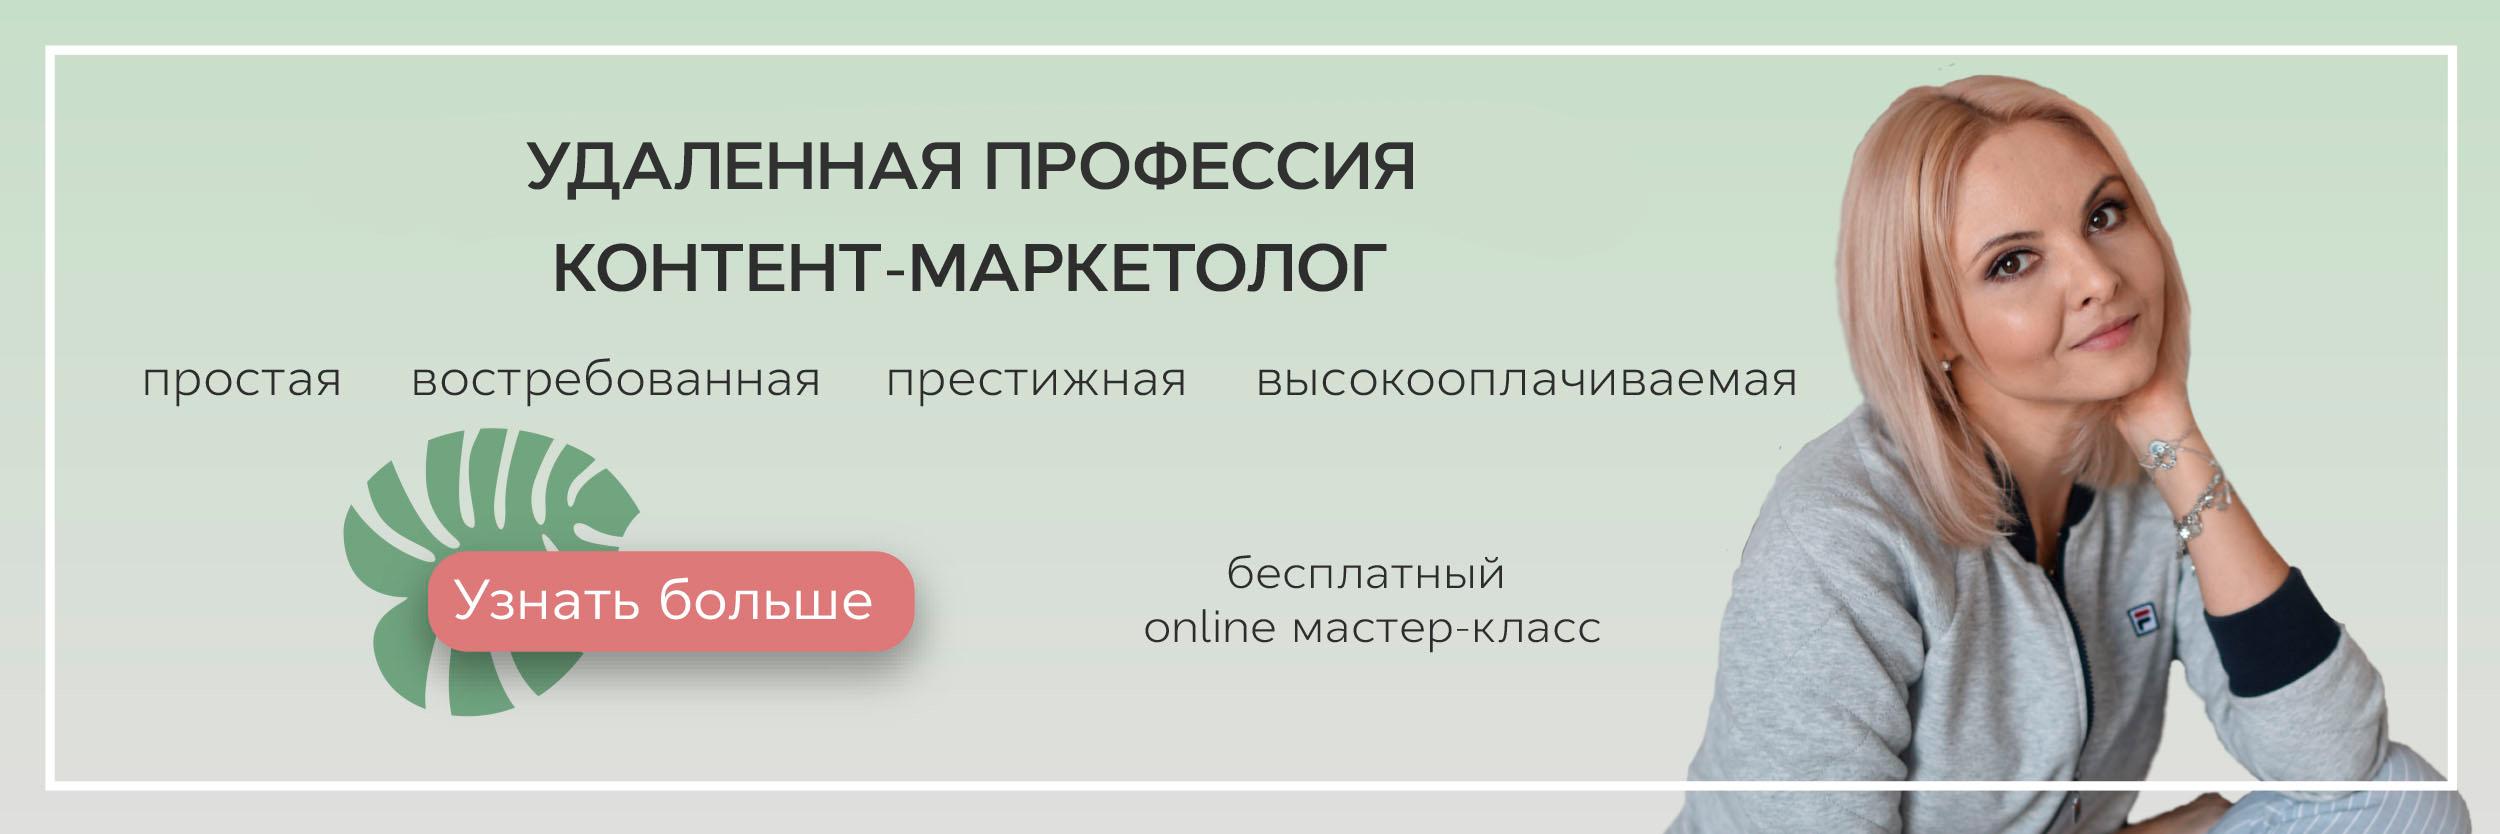 удалённая востребованная профессия контент маркетолог